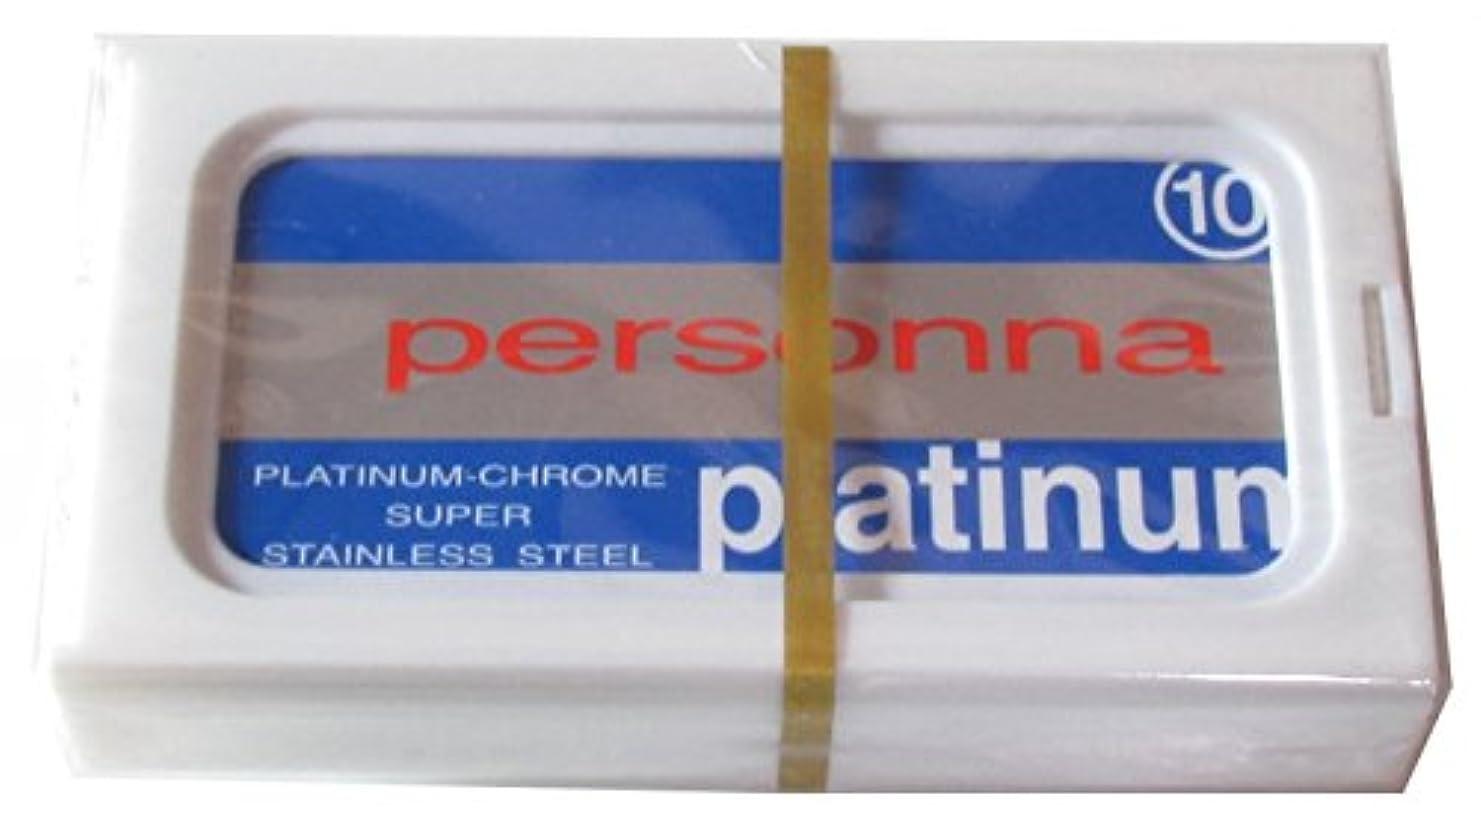 取り替える指定する活力Personna Platinum (Israeli Reds) 両刃替刃 200枚入り(10枚入り20 個セット)【並行輸入品】